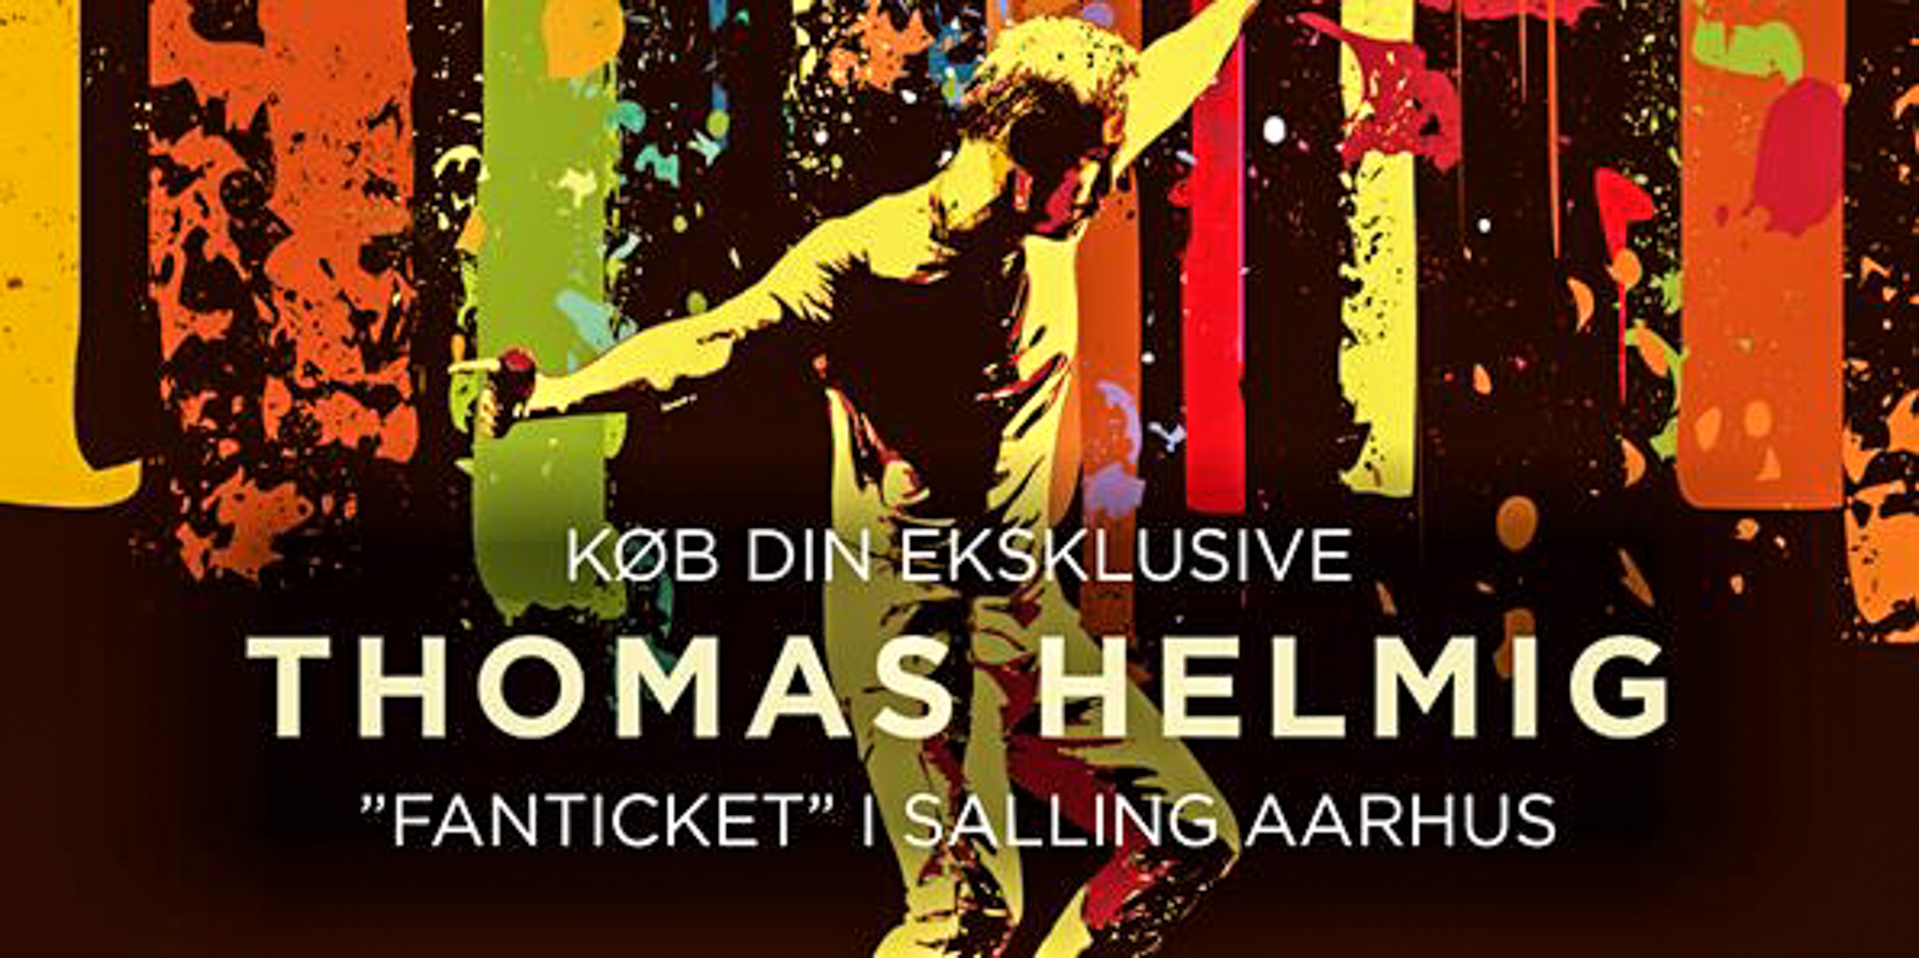 """Salling Aarhus: Eksklusiv Golden Circle """"Fanticket"""" til Thomas Helmig koncert"""